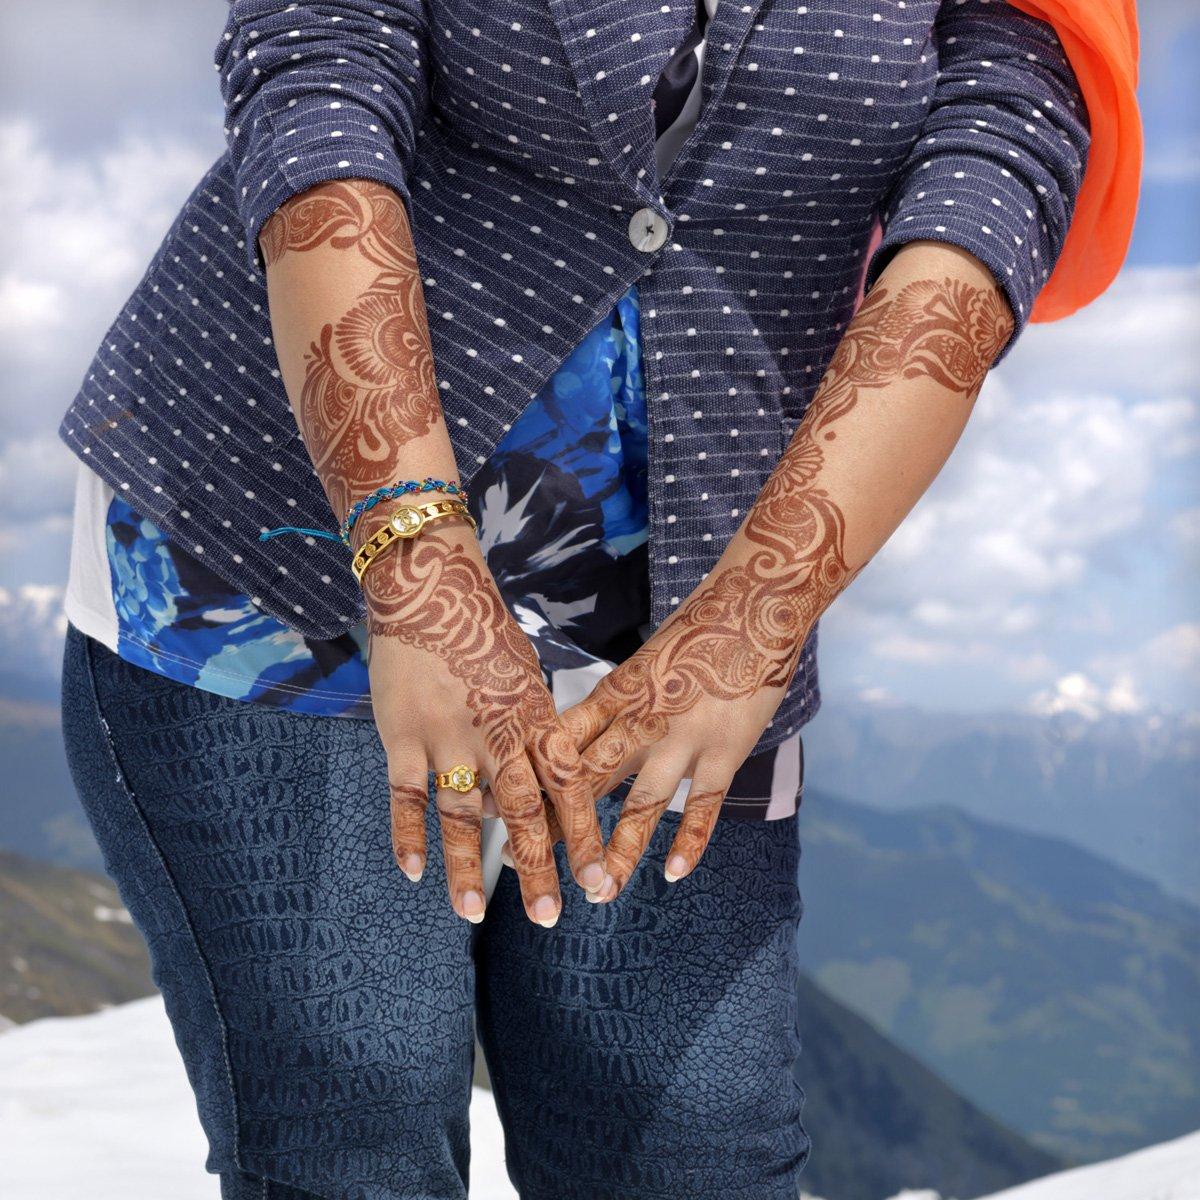 Turistas do Oriente Médio invadem cidade idílica alpina para escapar do calor do verão escaldante 03